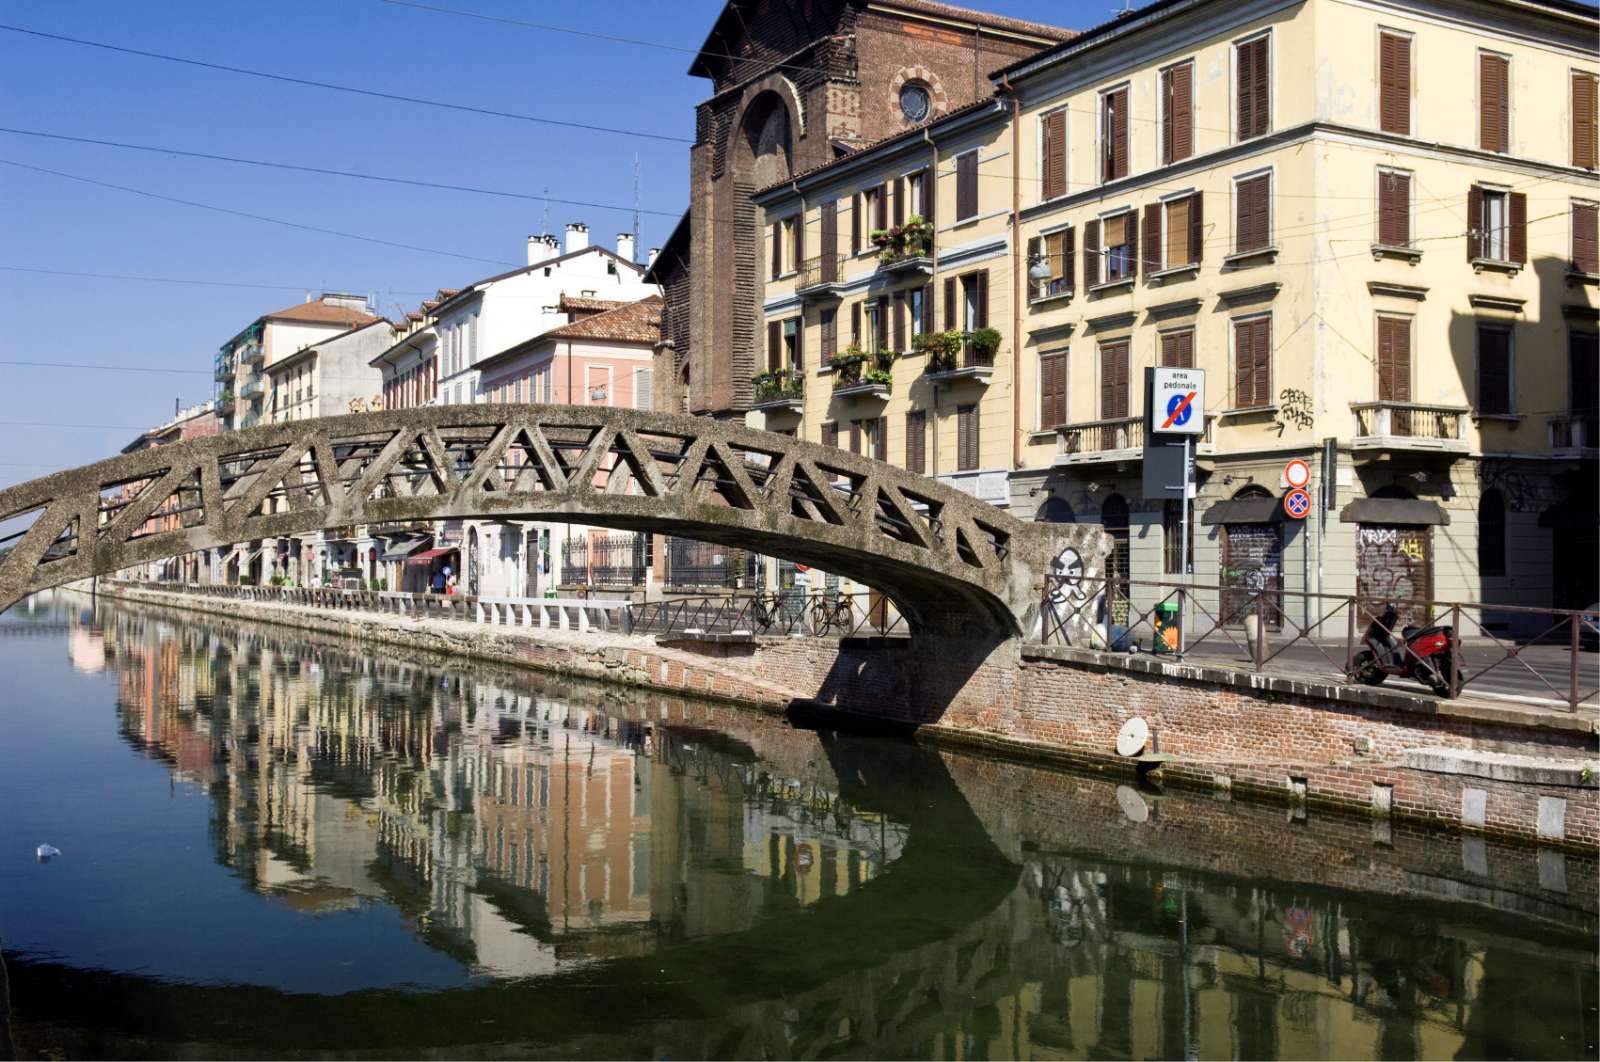 Stämning längs kanalen Navigli